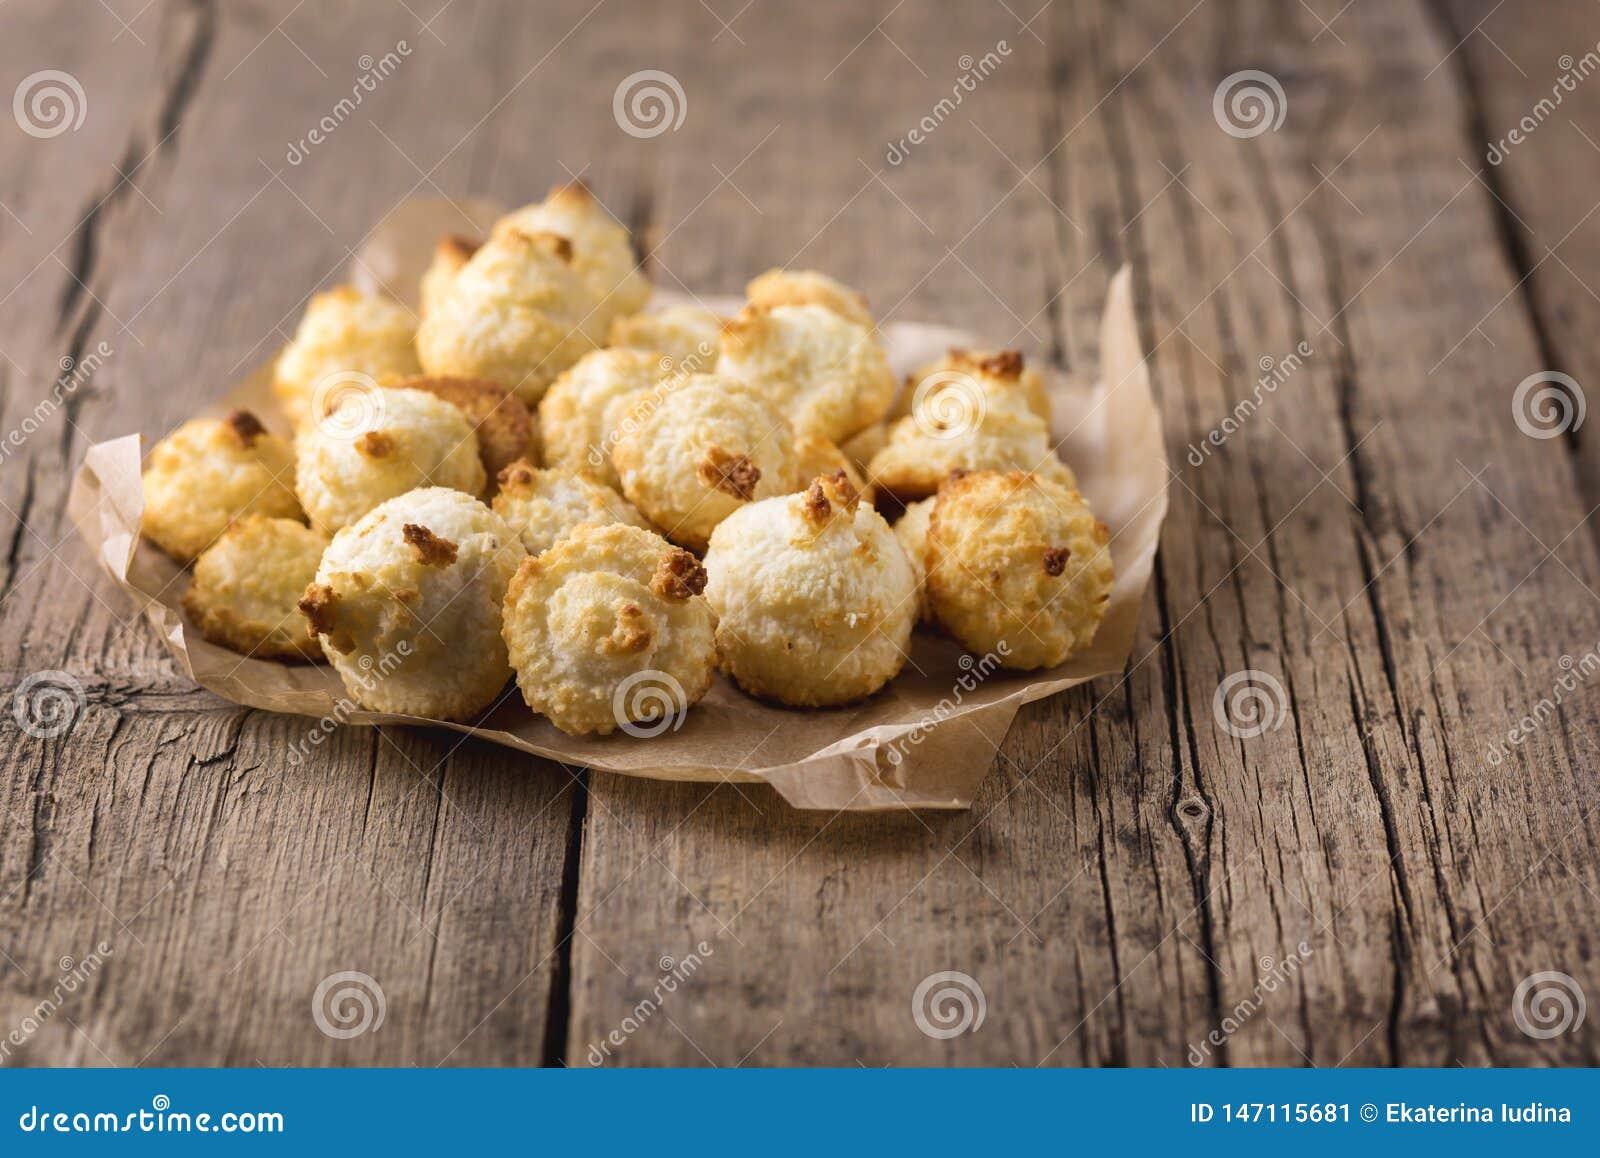 Grupo de cookies doces do coco em cookies caseiros do coco da sobremesa saboroso horizontal de madeira velha do coco do espaço da